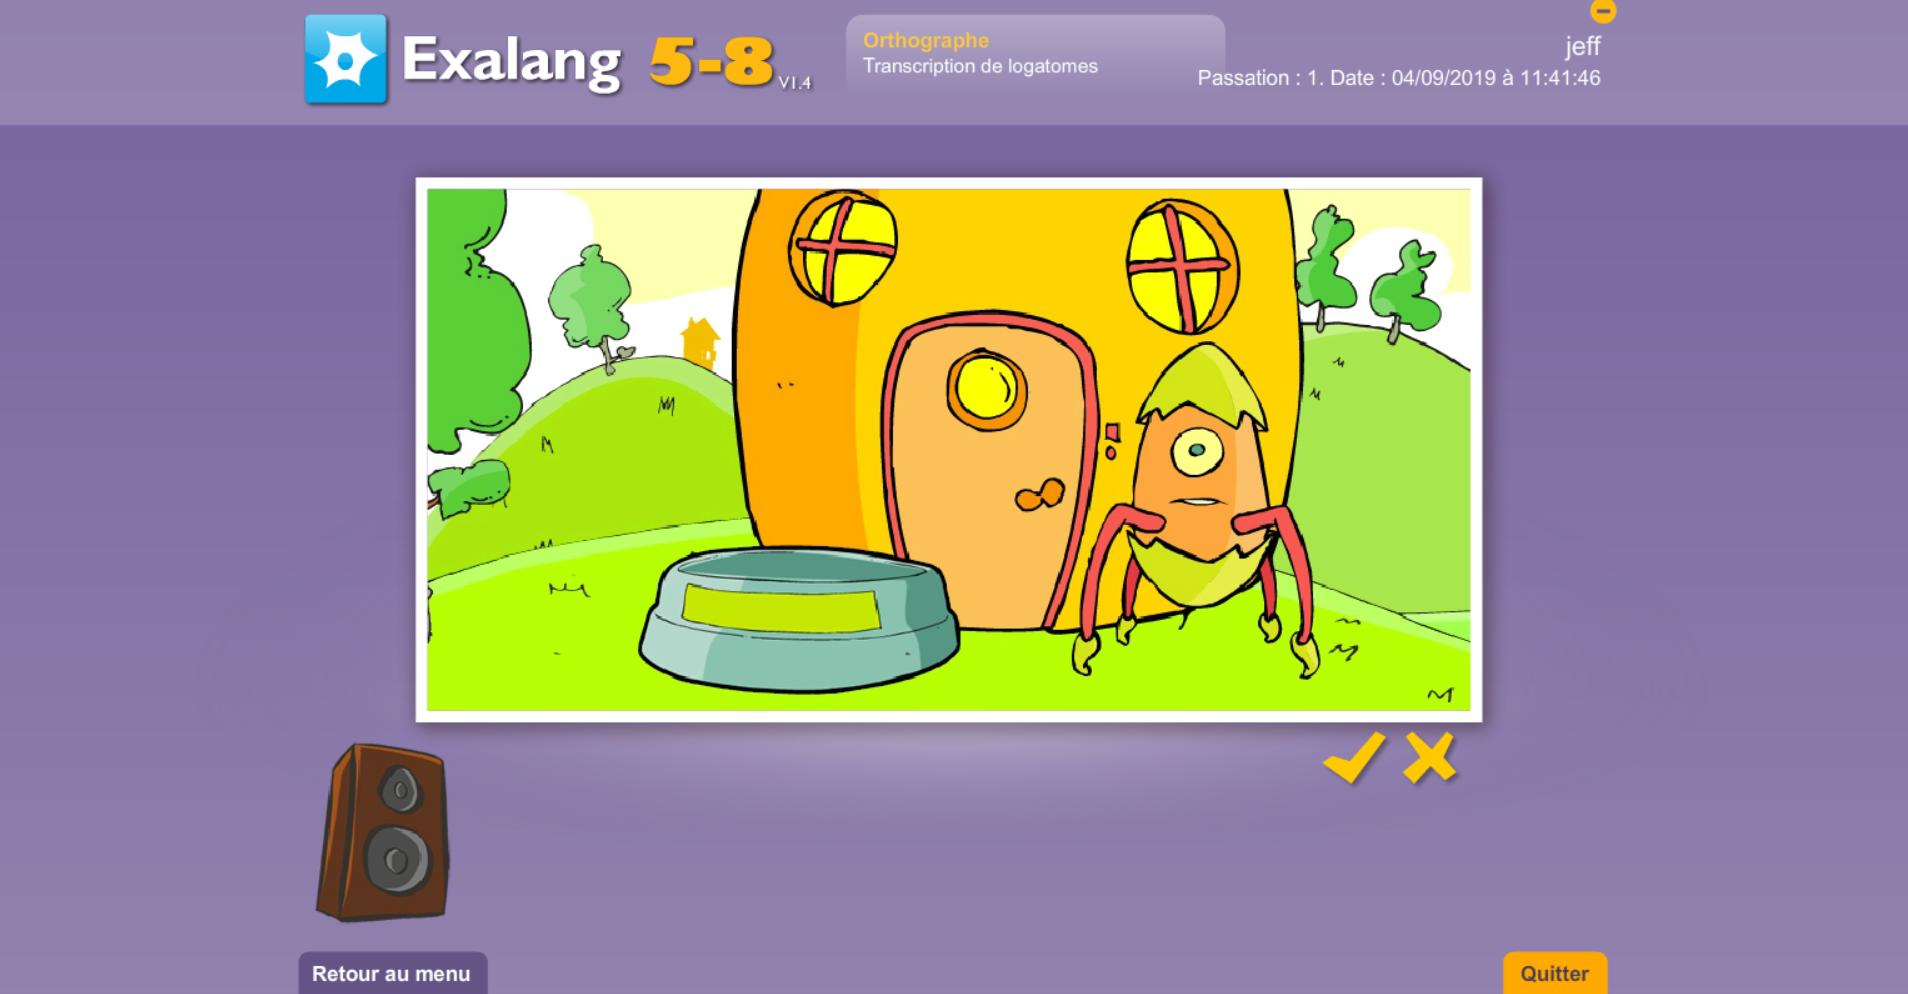 Exalang 5 8 logiciel de bilan de langage oral et écrit et test de langage des enfants de 5 à 8 ans- orthographe et transcription de logatomes